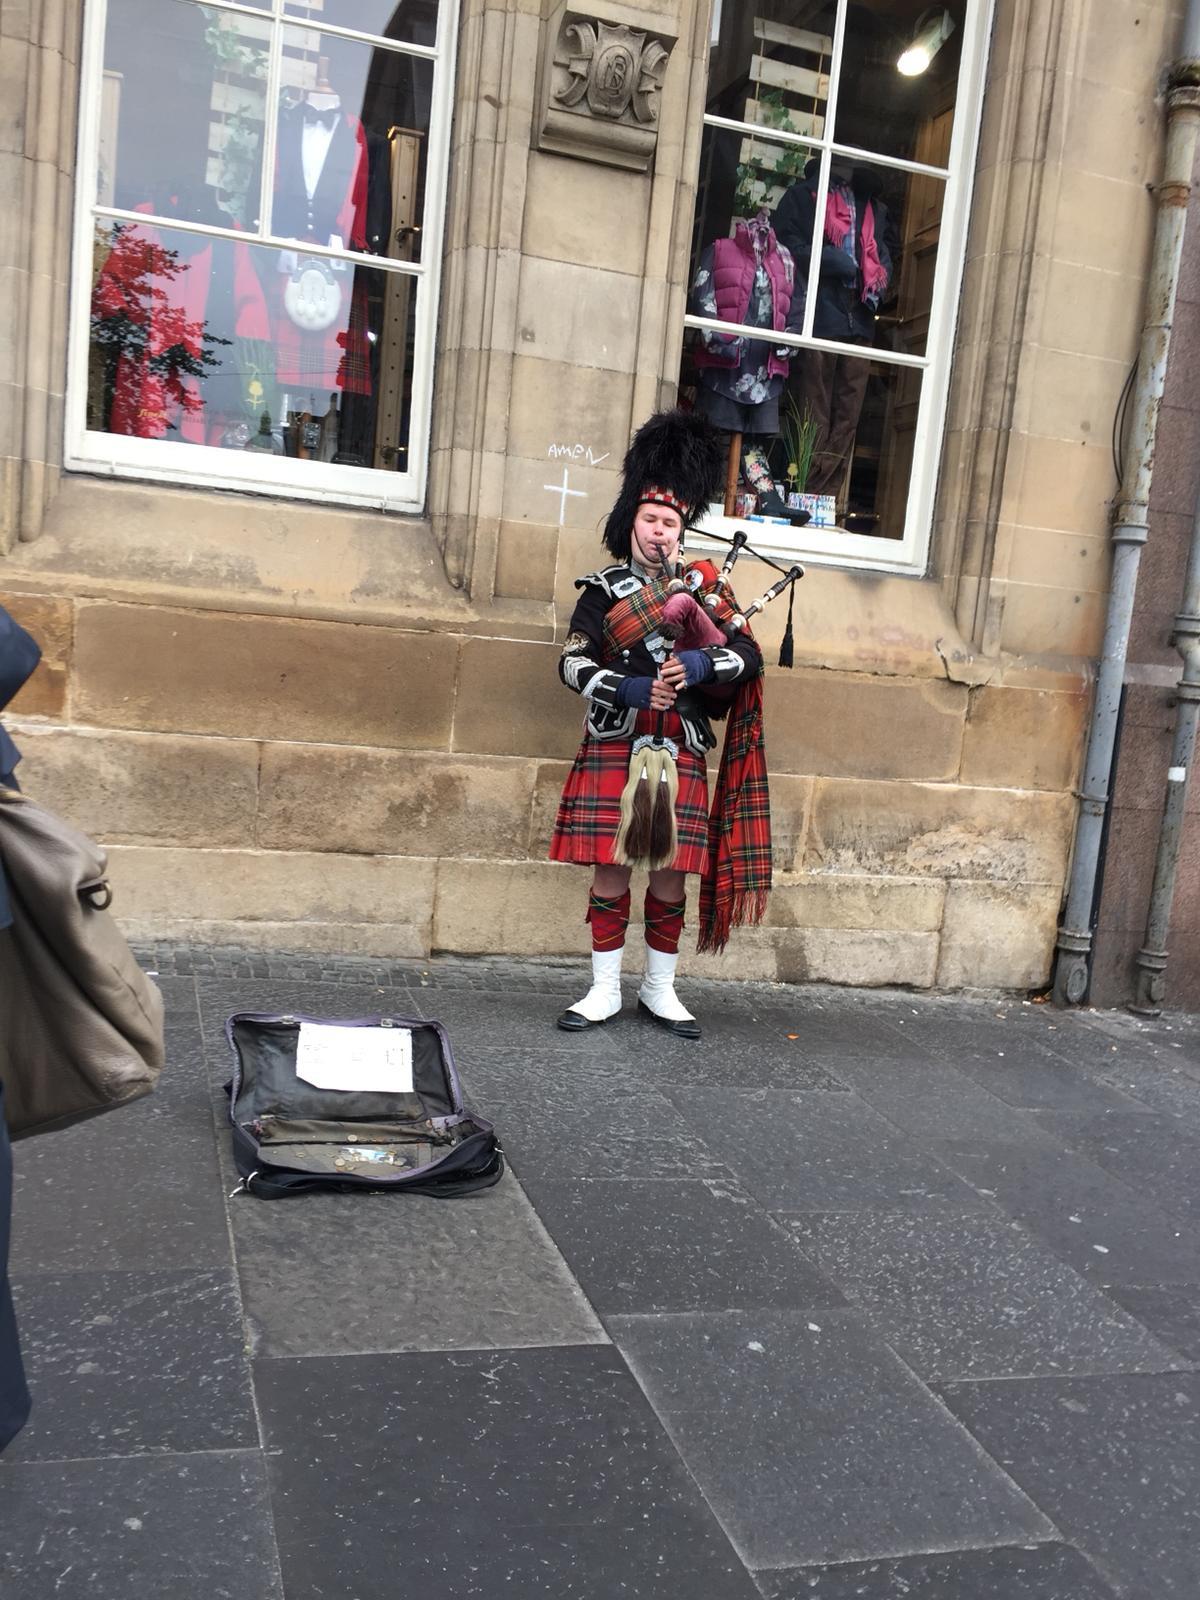 Incontri Glasgow per divertimento